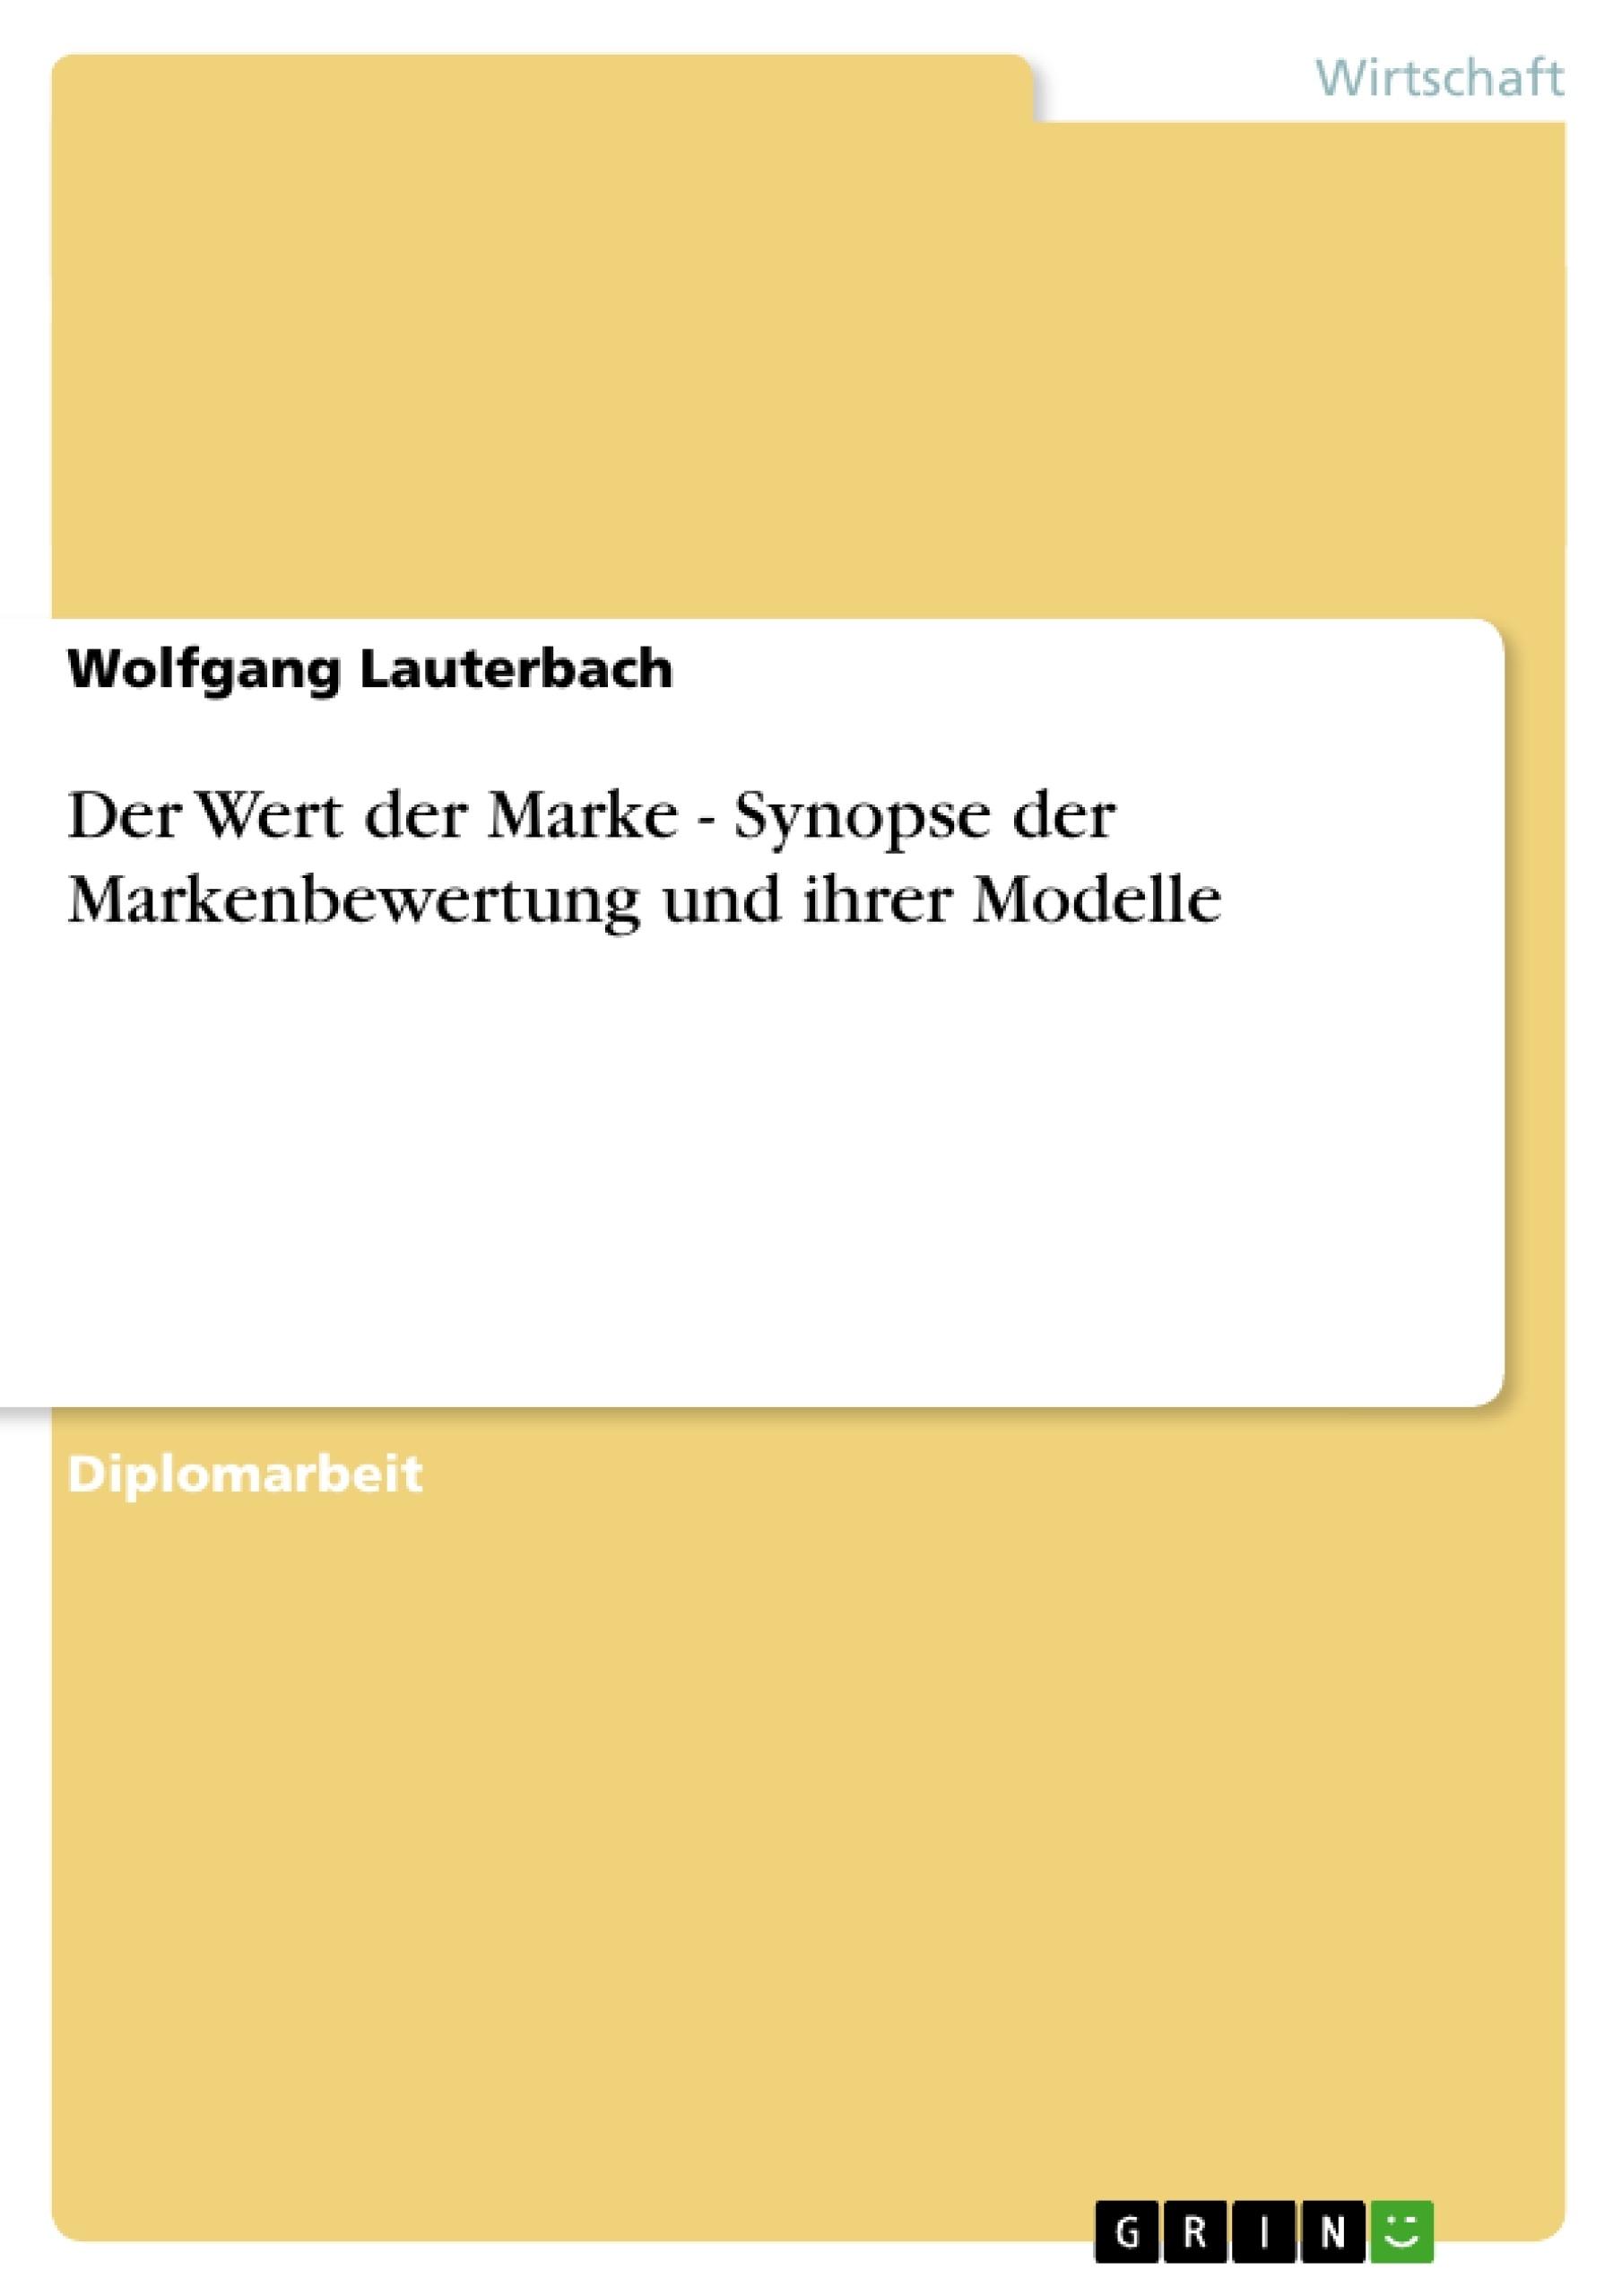 Titel: Der Wert der Marke - Synopse der Markenbewertung und ihrer Modelle